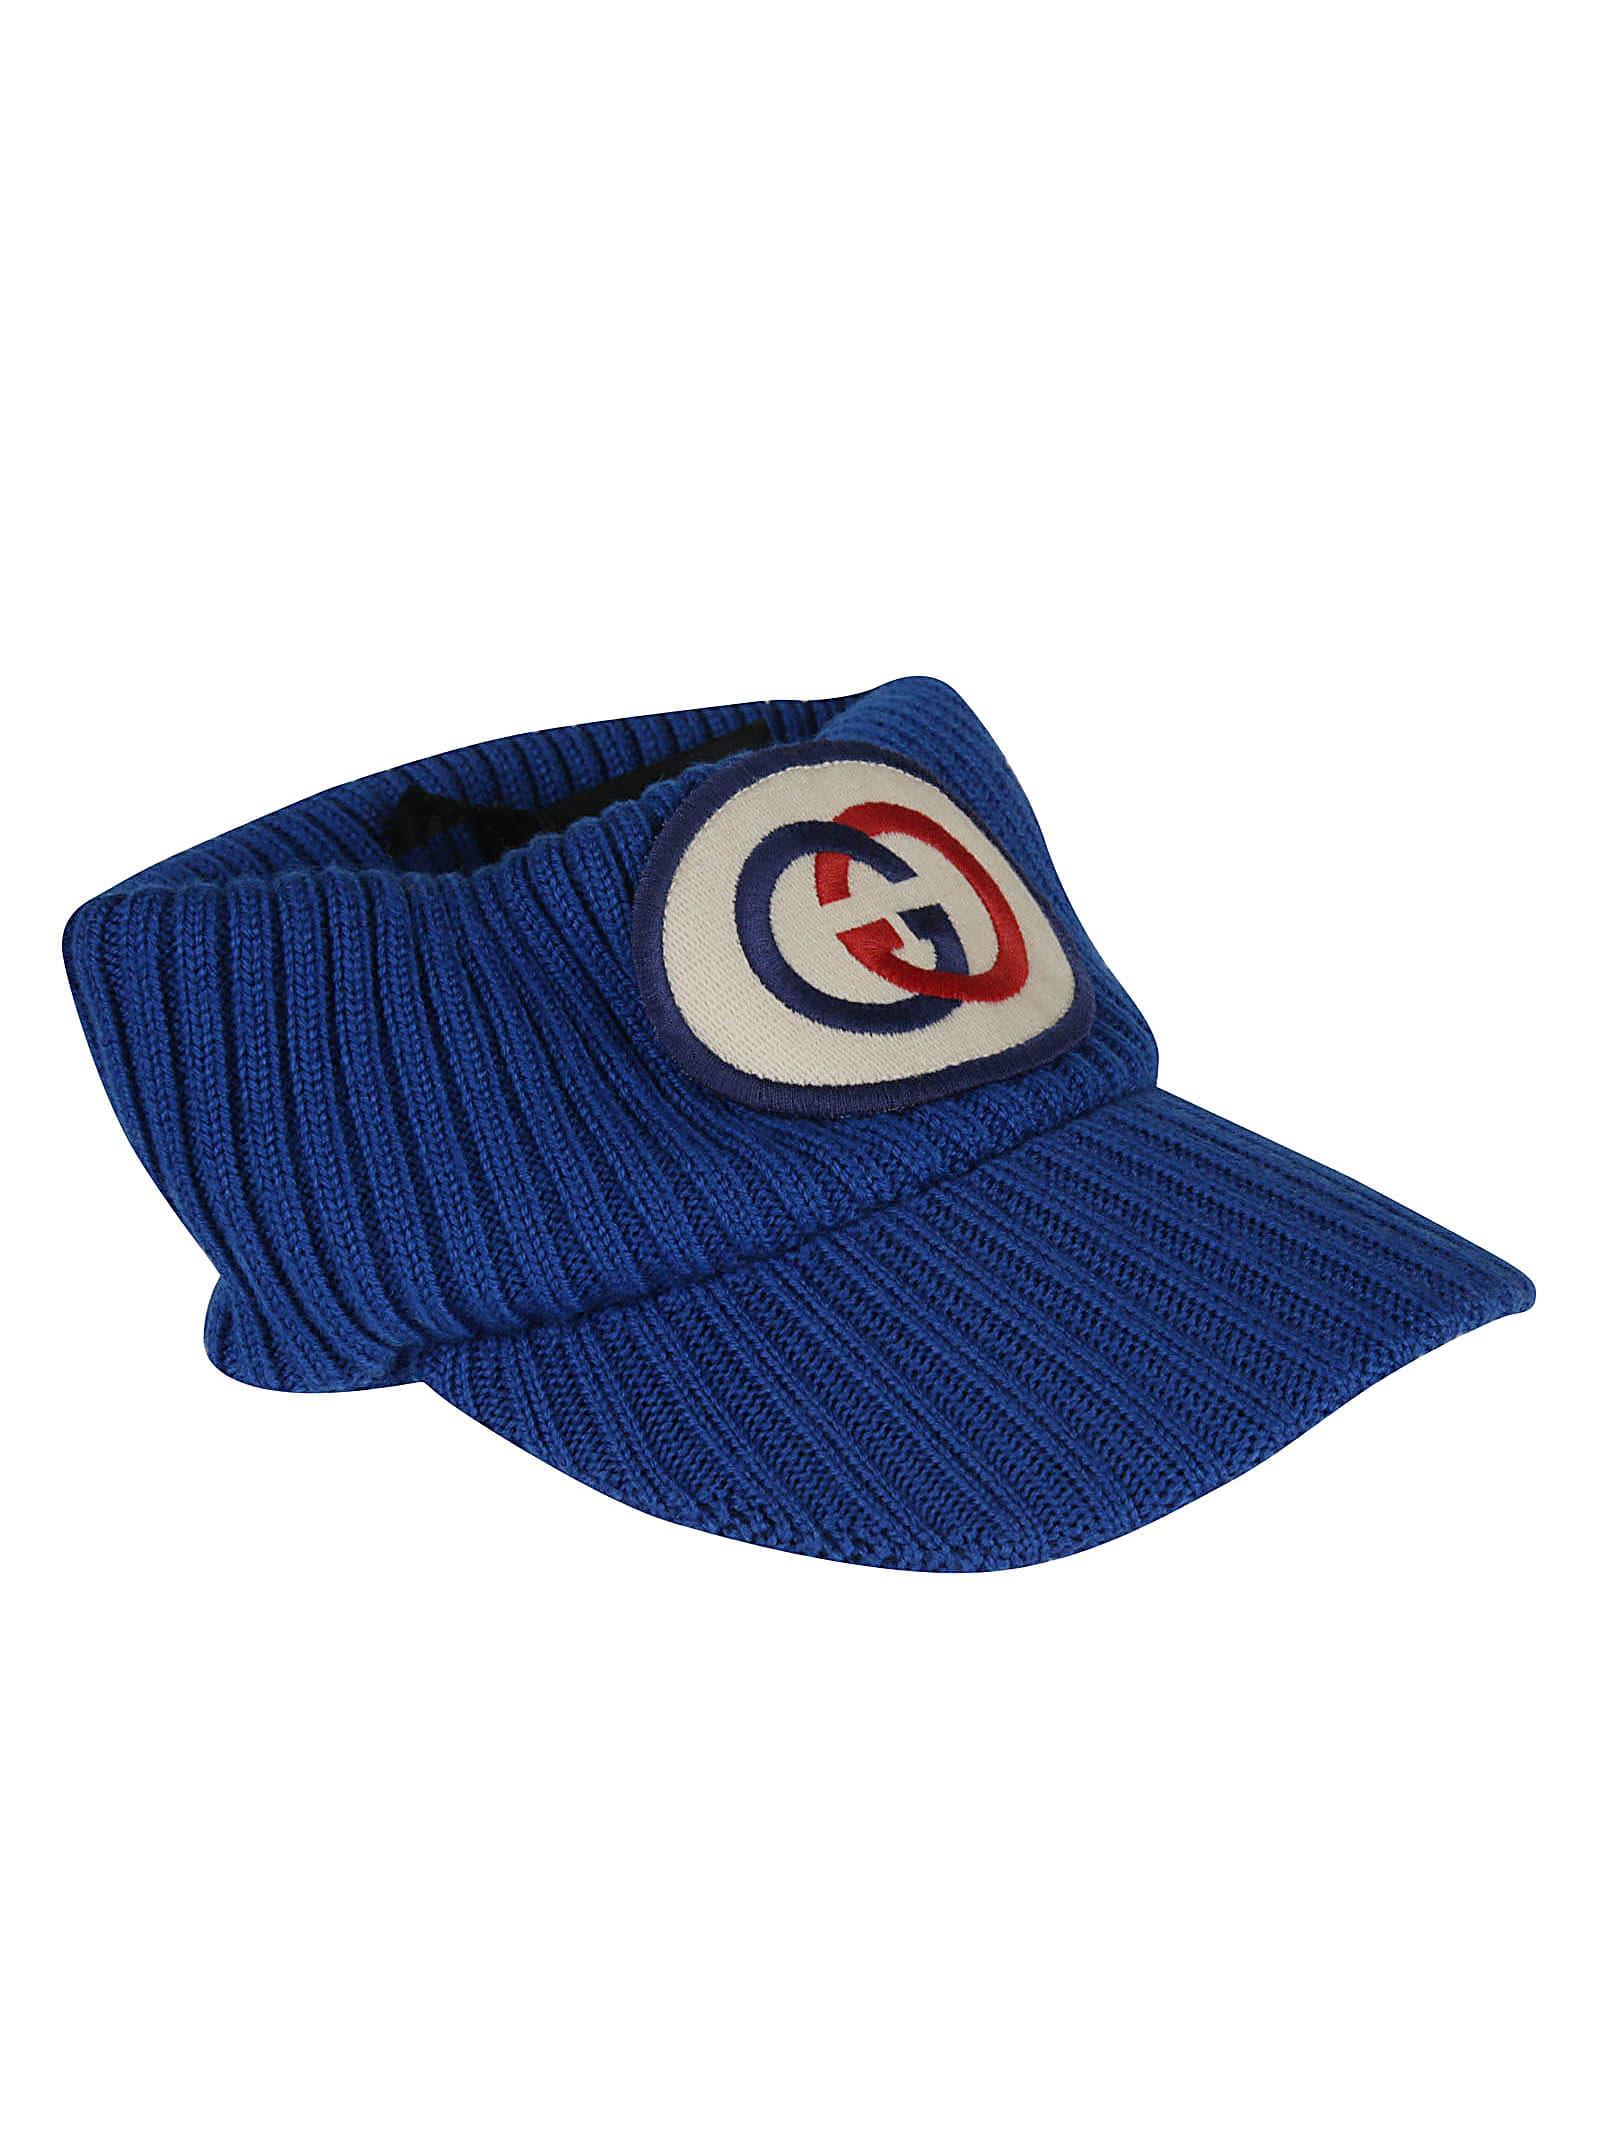 de4a91708a Shop Gucci Hats on sale at the Marie Claire Edit